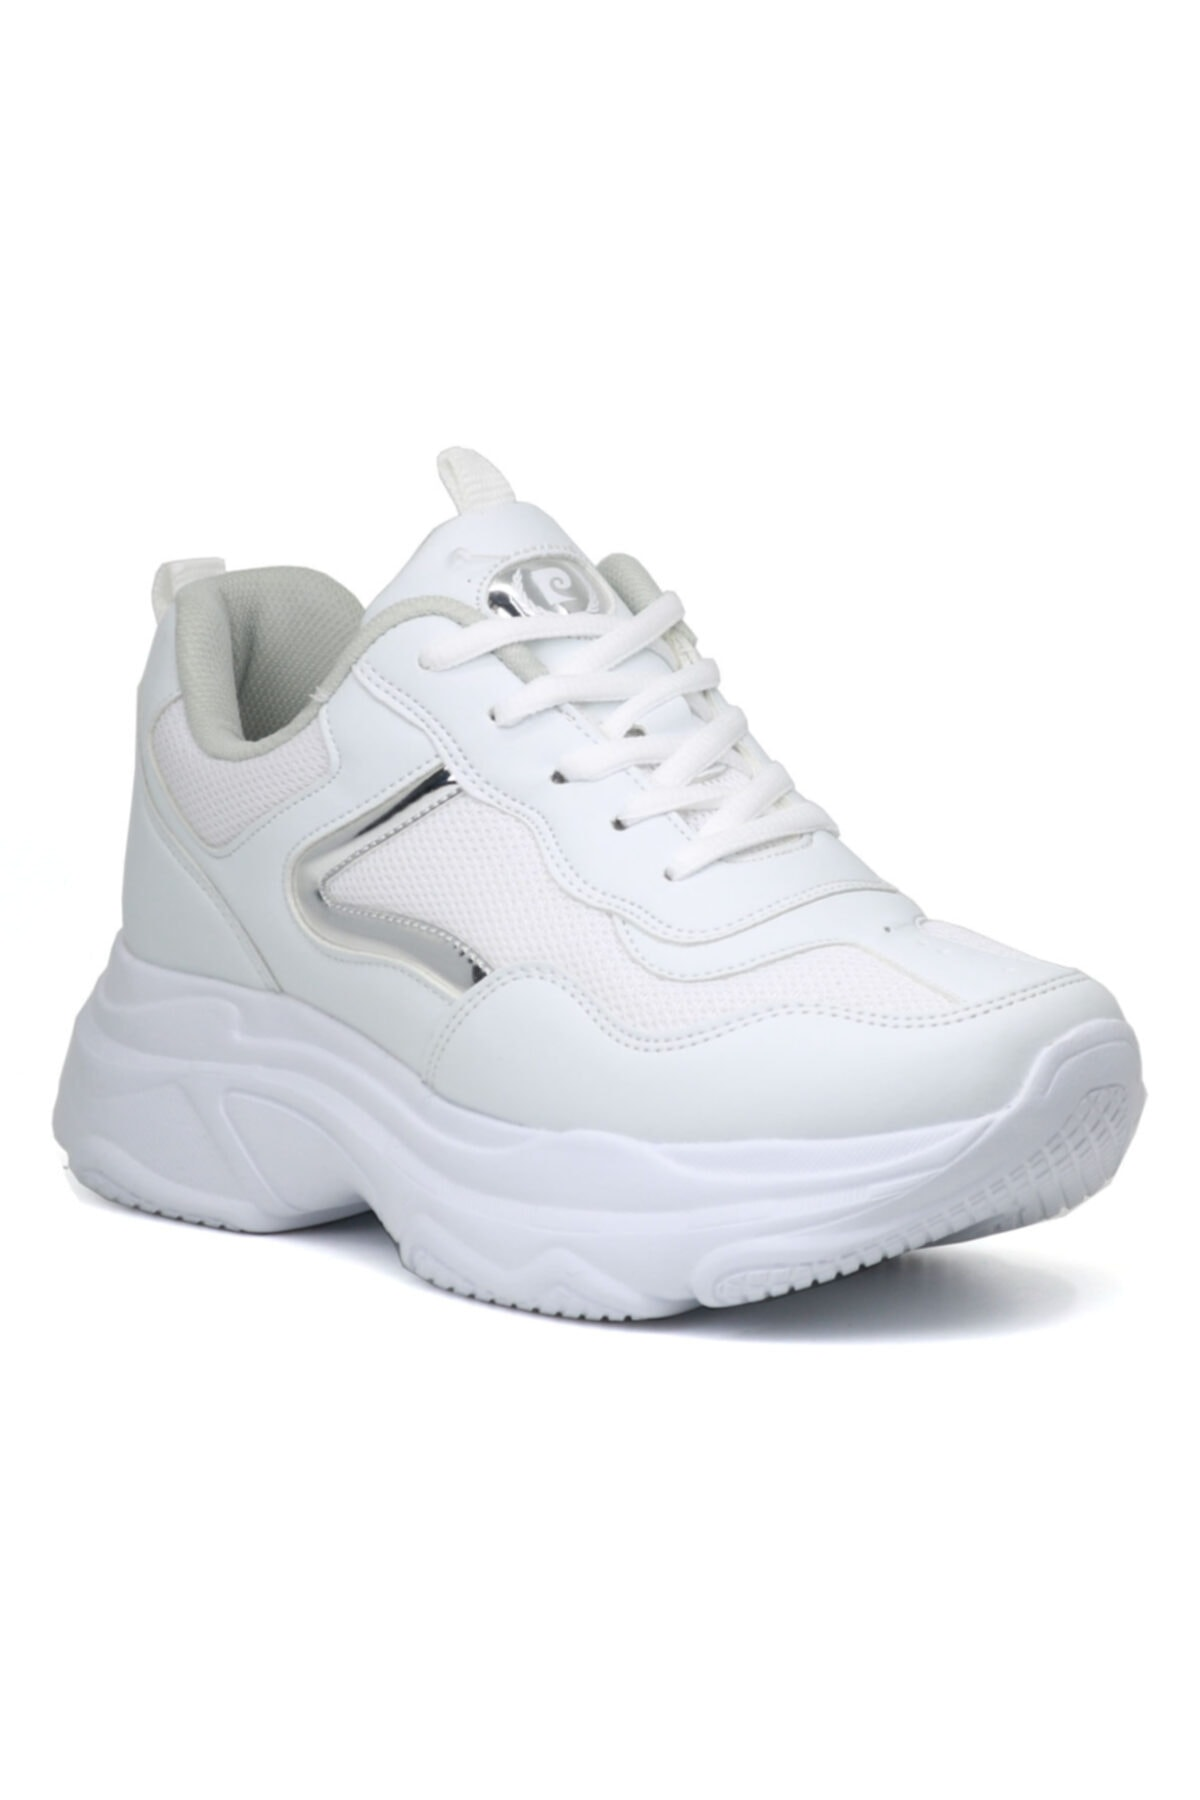 Pierre Cardin 30051ax Yüksek Taban Kadın Spor Ayakkabı 1